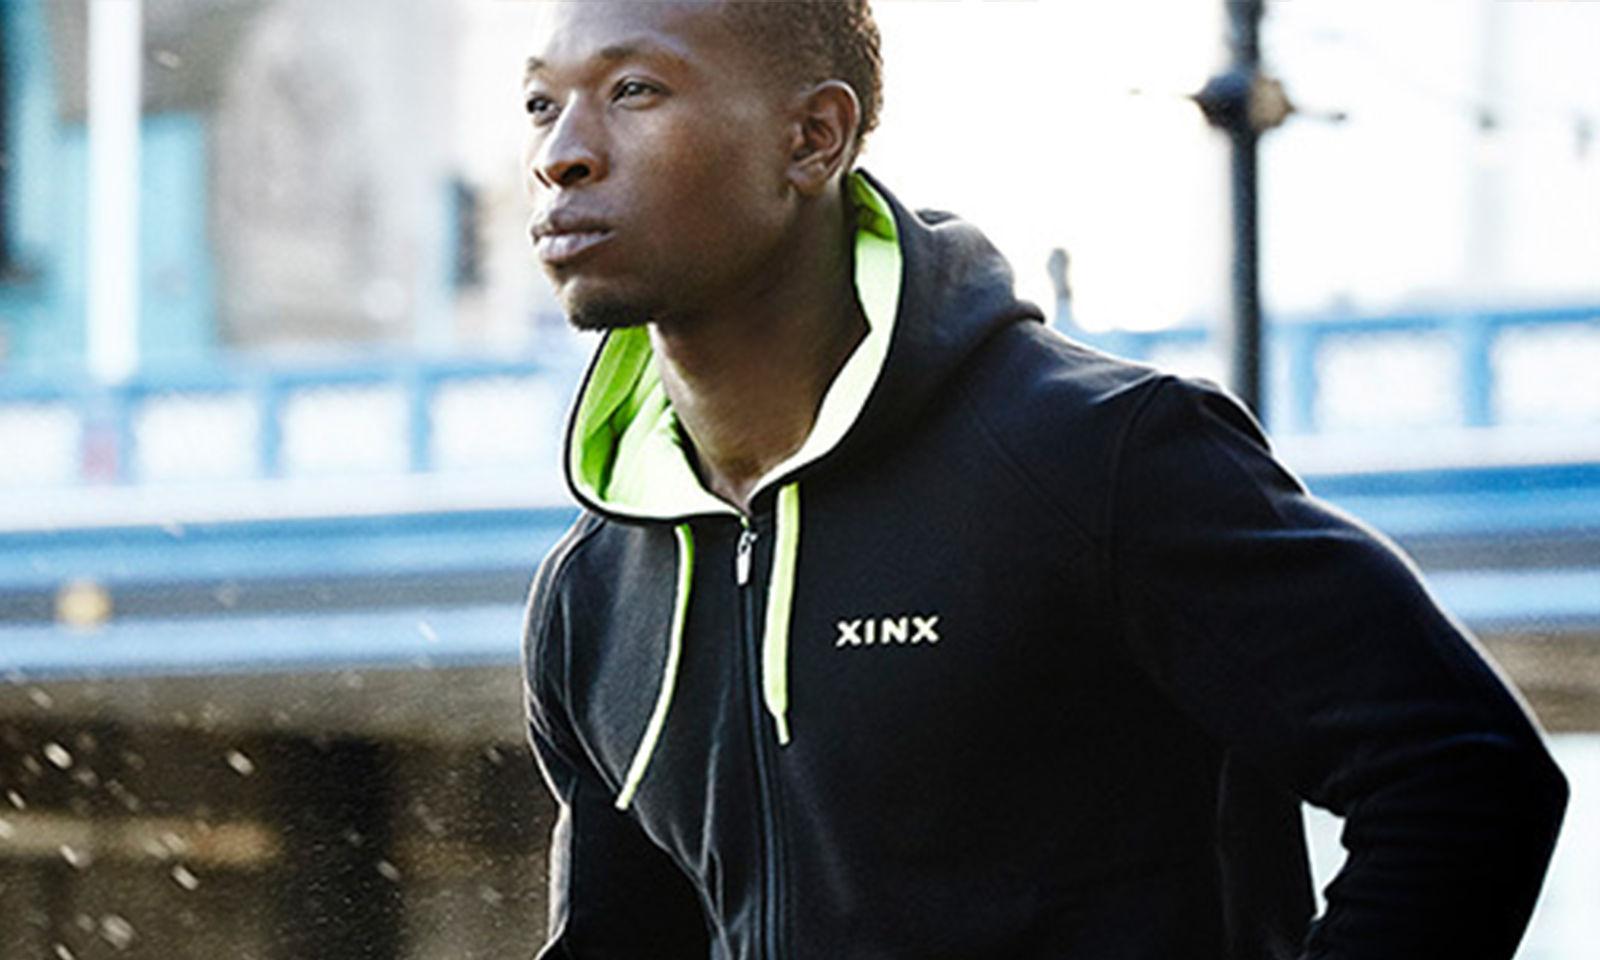 XINX-FASHION